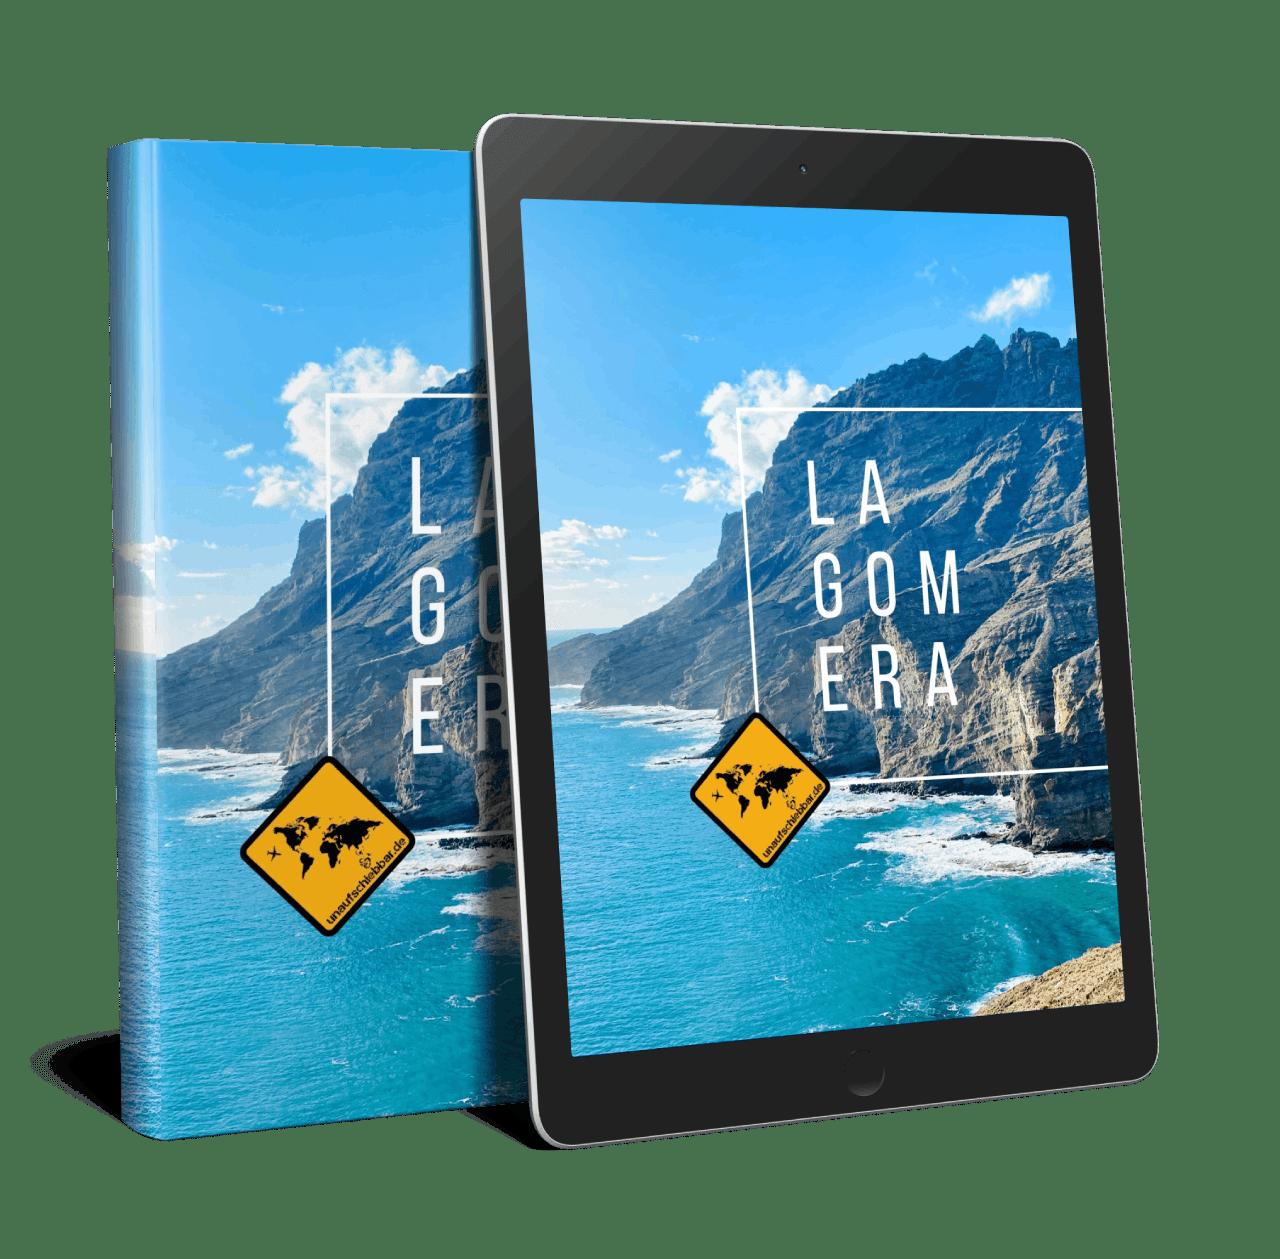 Bildband La Gomera Cover Ebook Reader